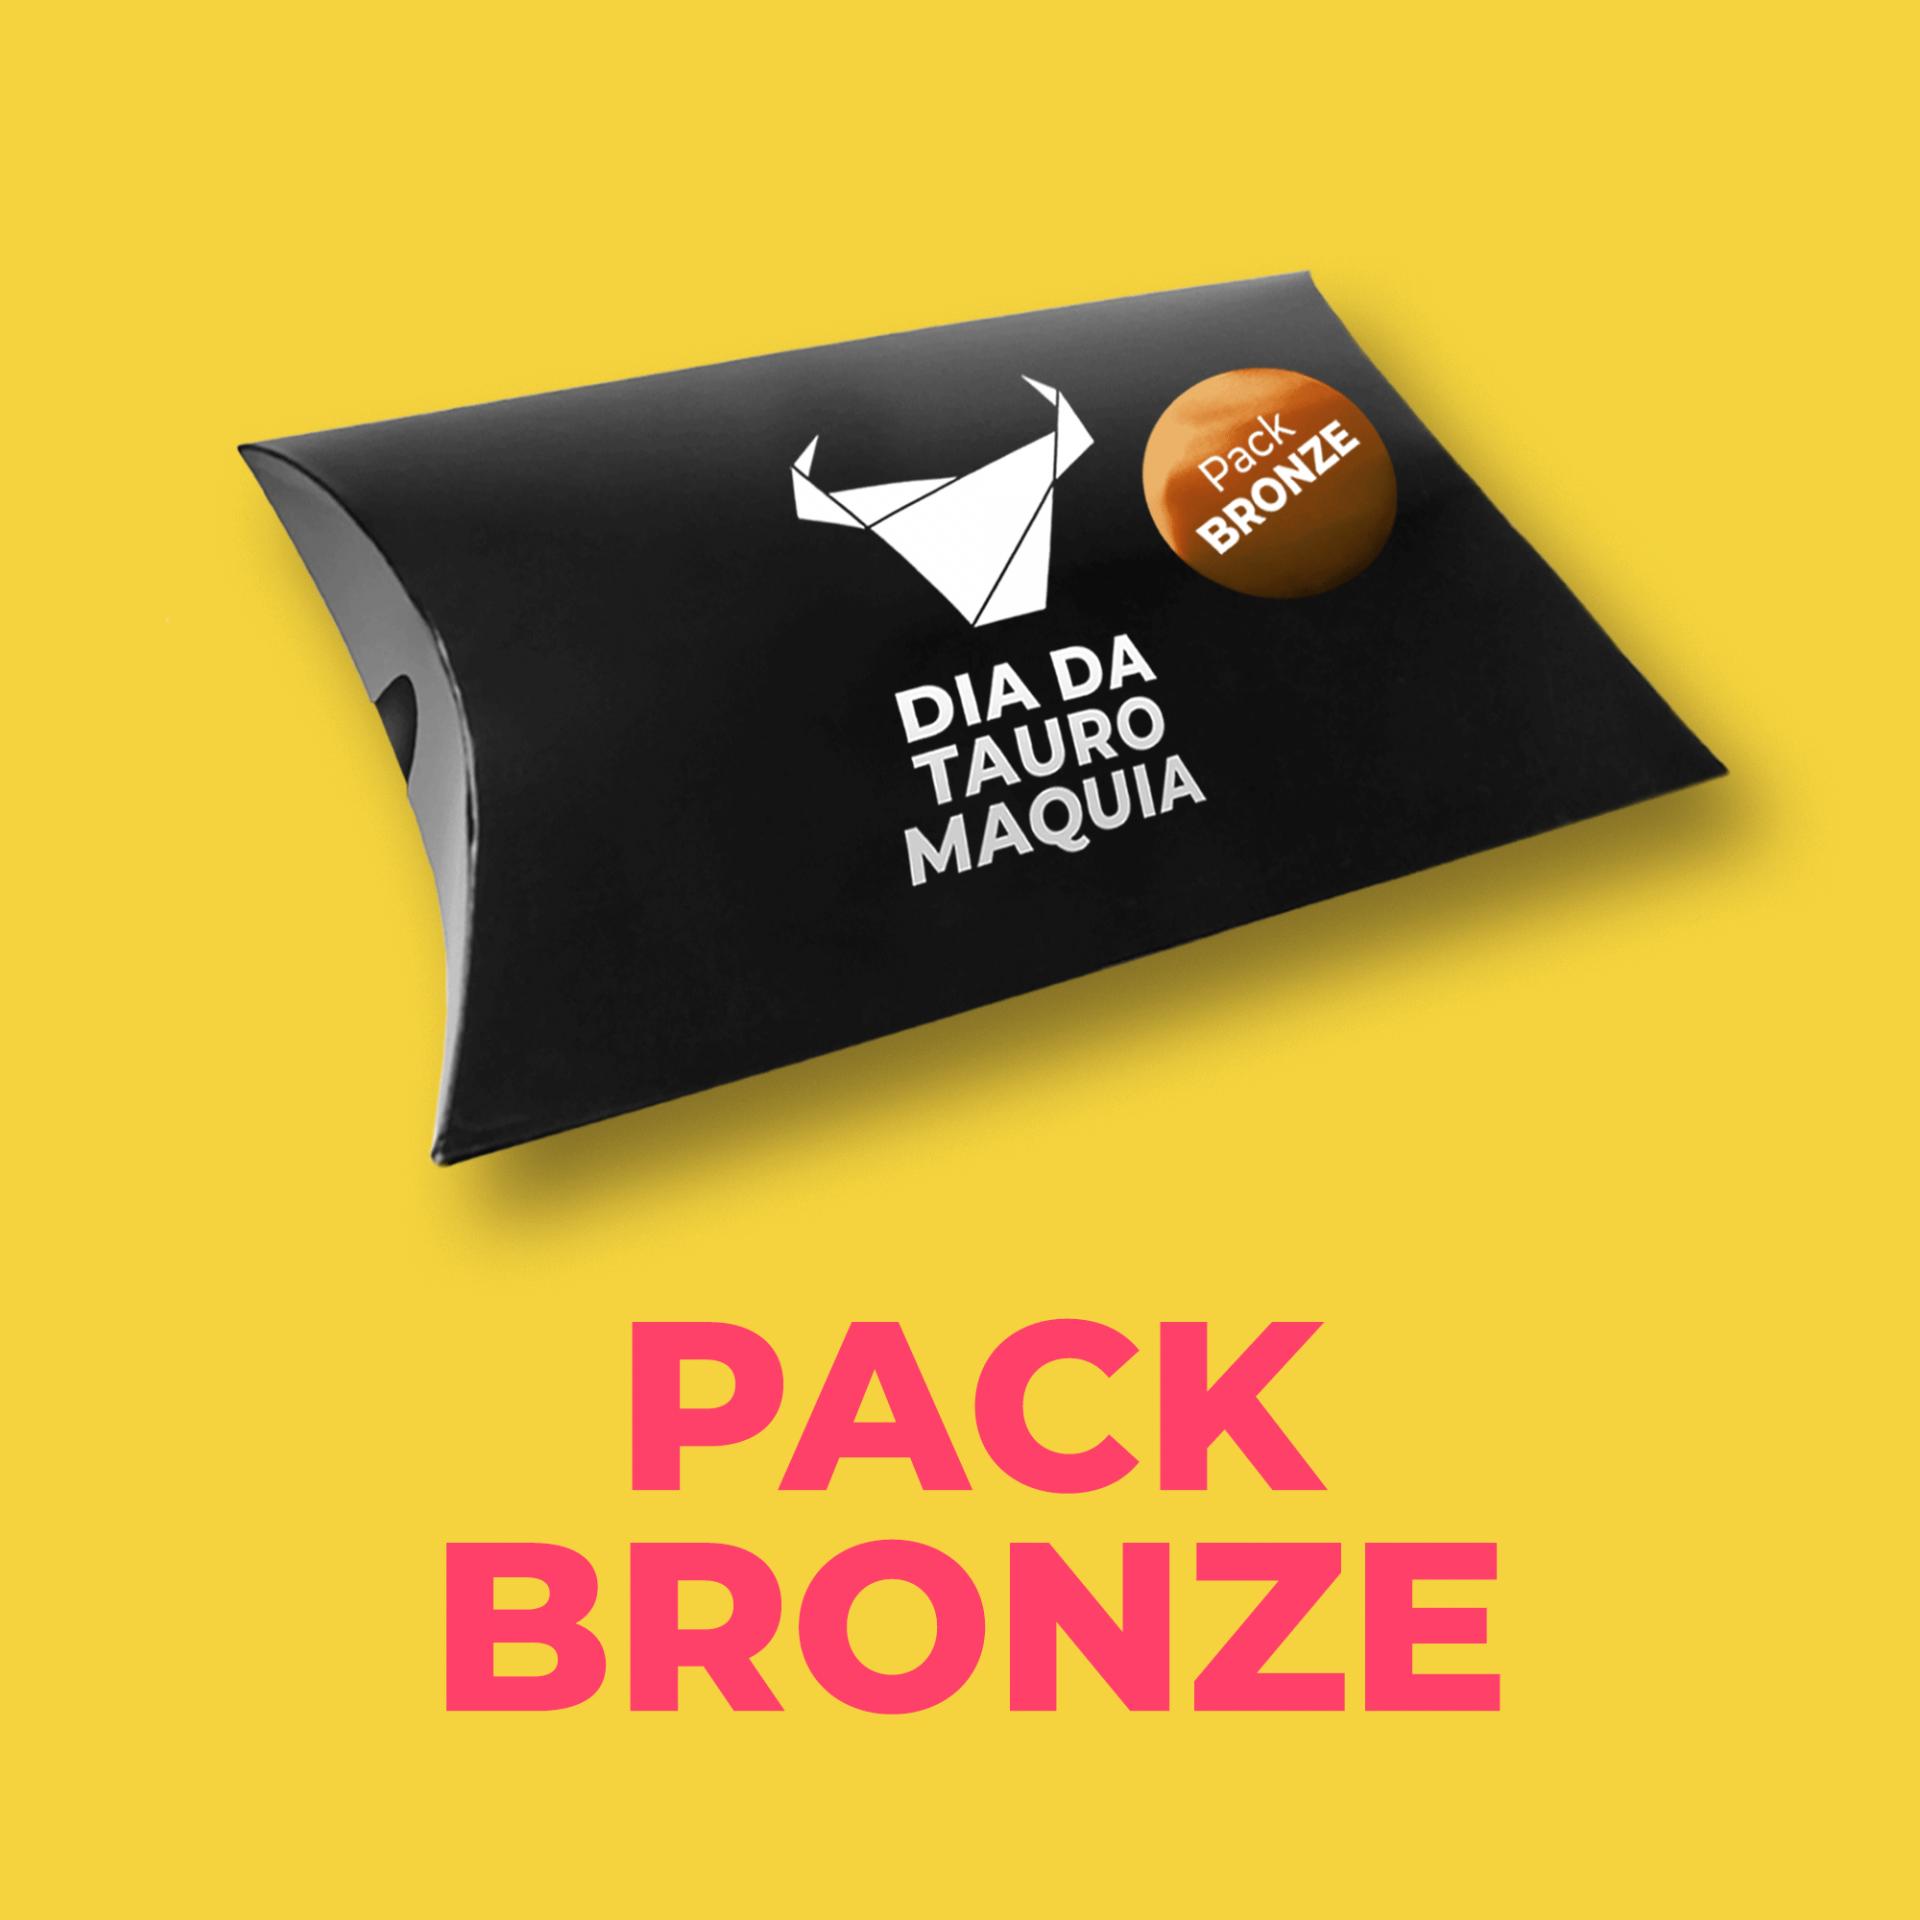 Pack Bronze (Dia da Tauromaquia)